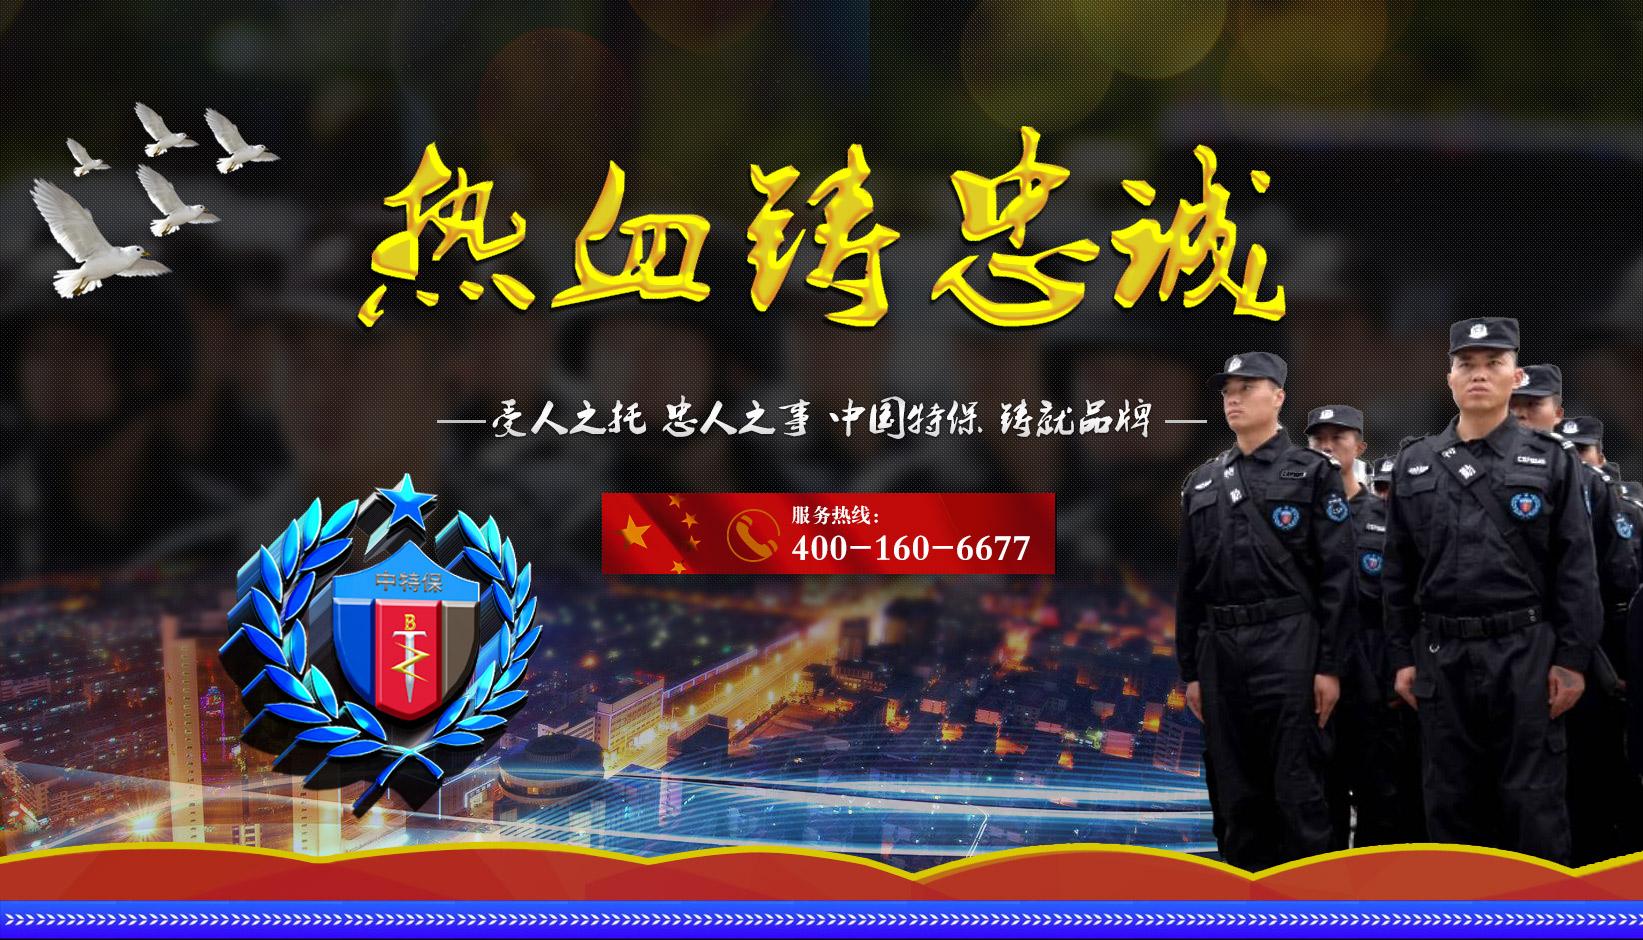 http://www.ytzhongtebao.com/business